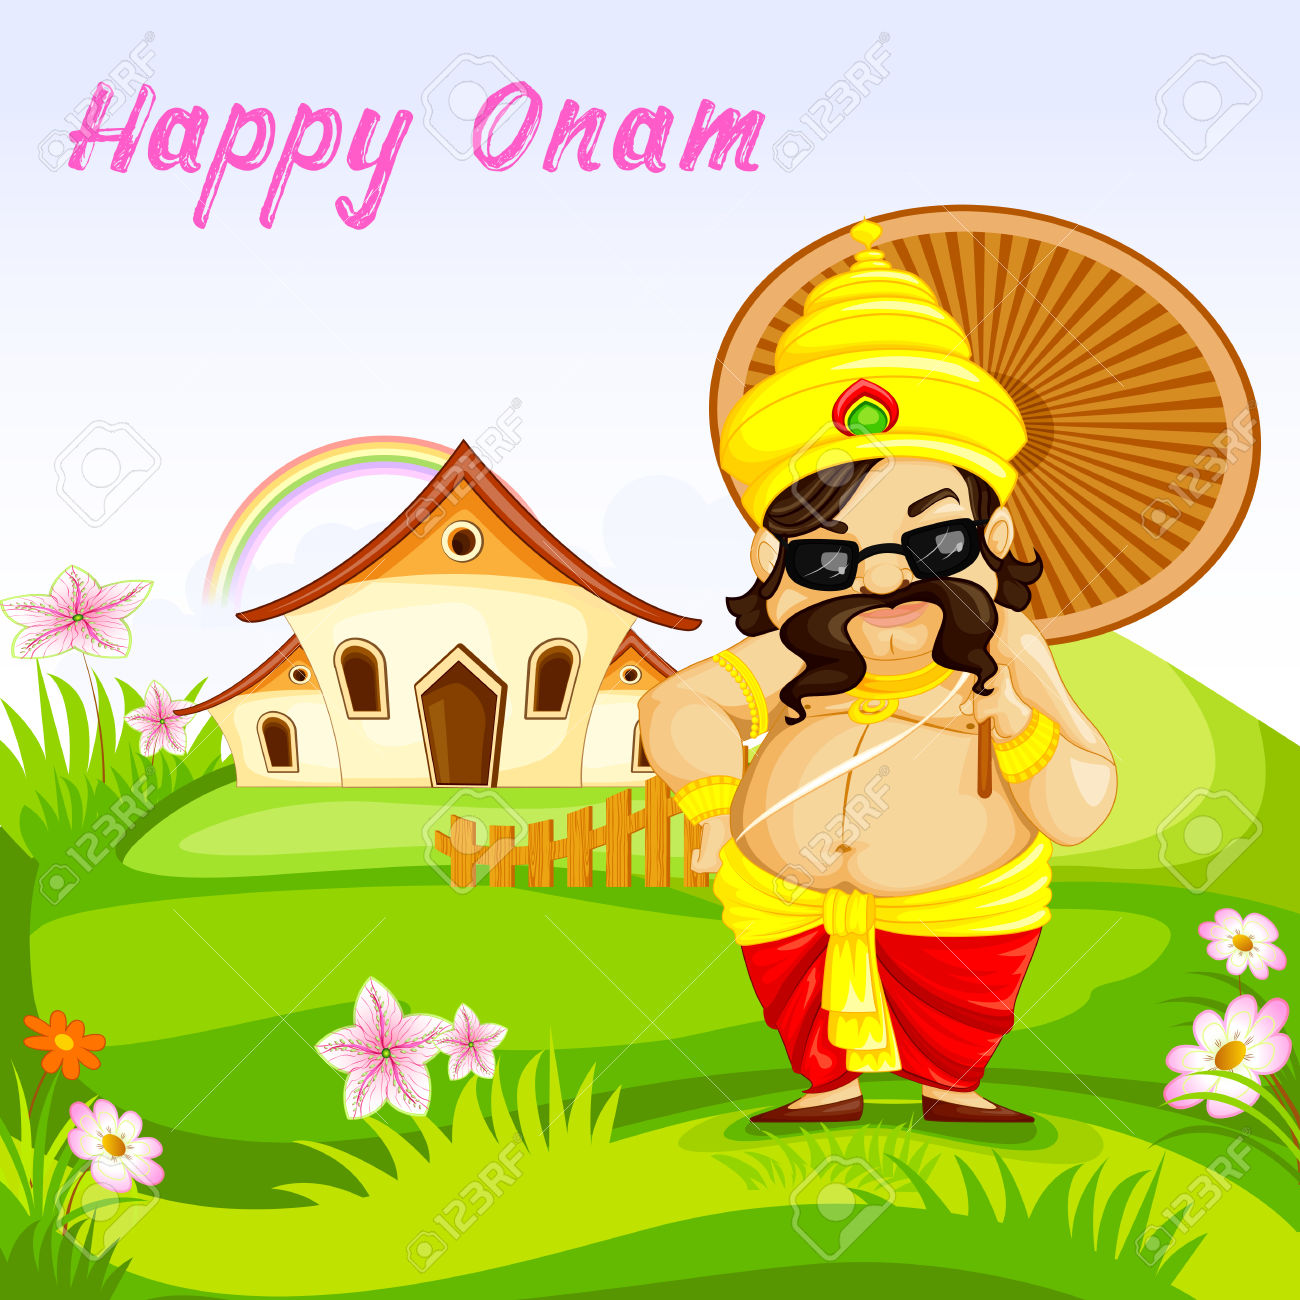 Happy Onam Greetings Happy Onam Images Onam Glitter Onam